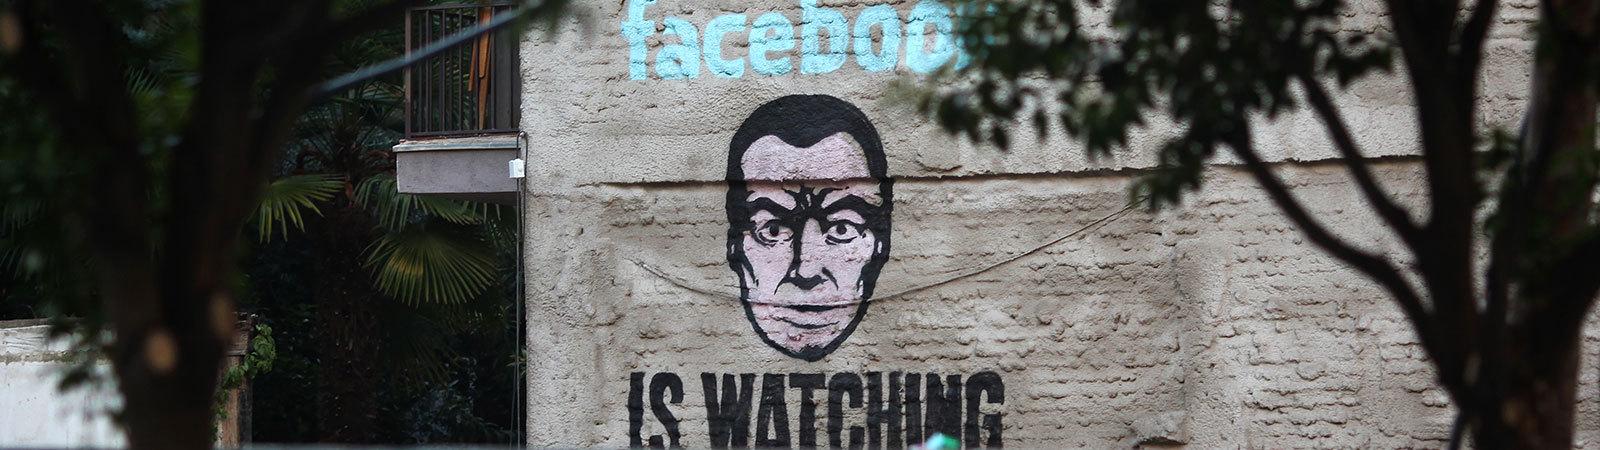 """Ein Graffiti auf dem steht: """"Facebook is watching"""""""